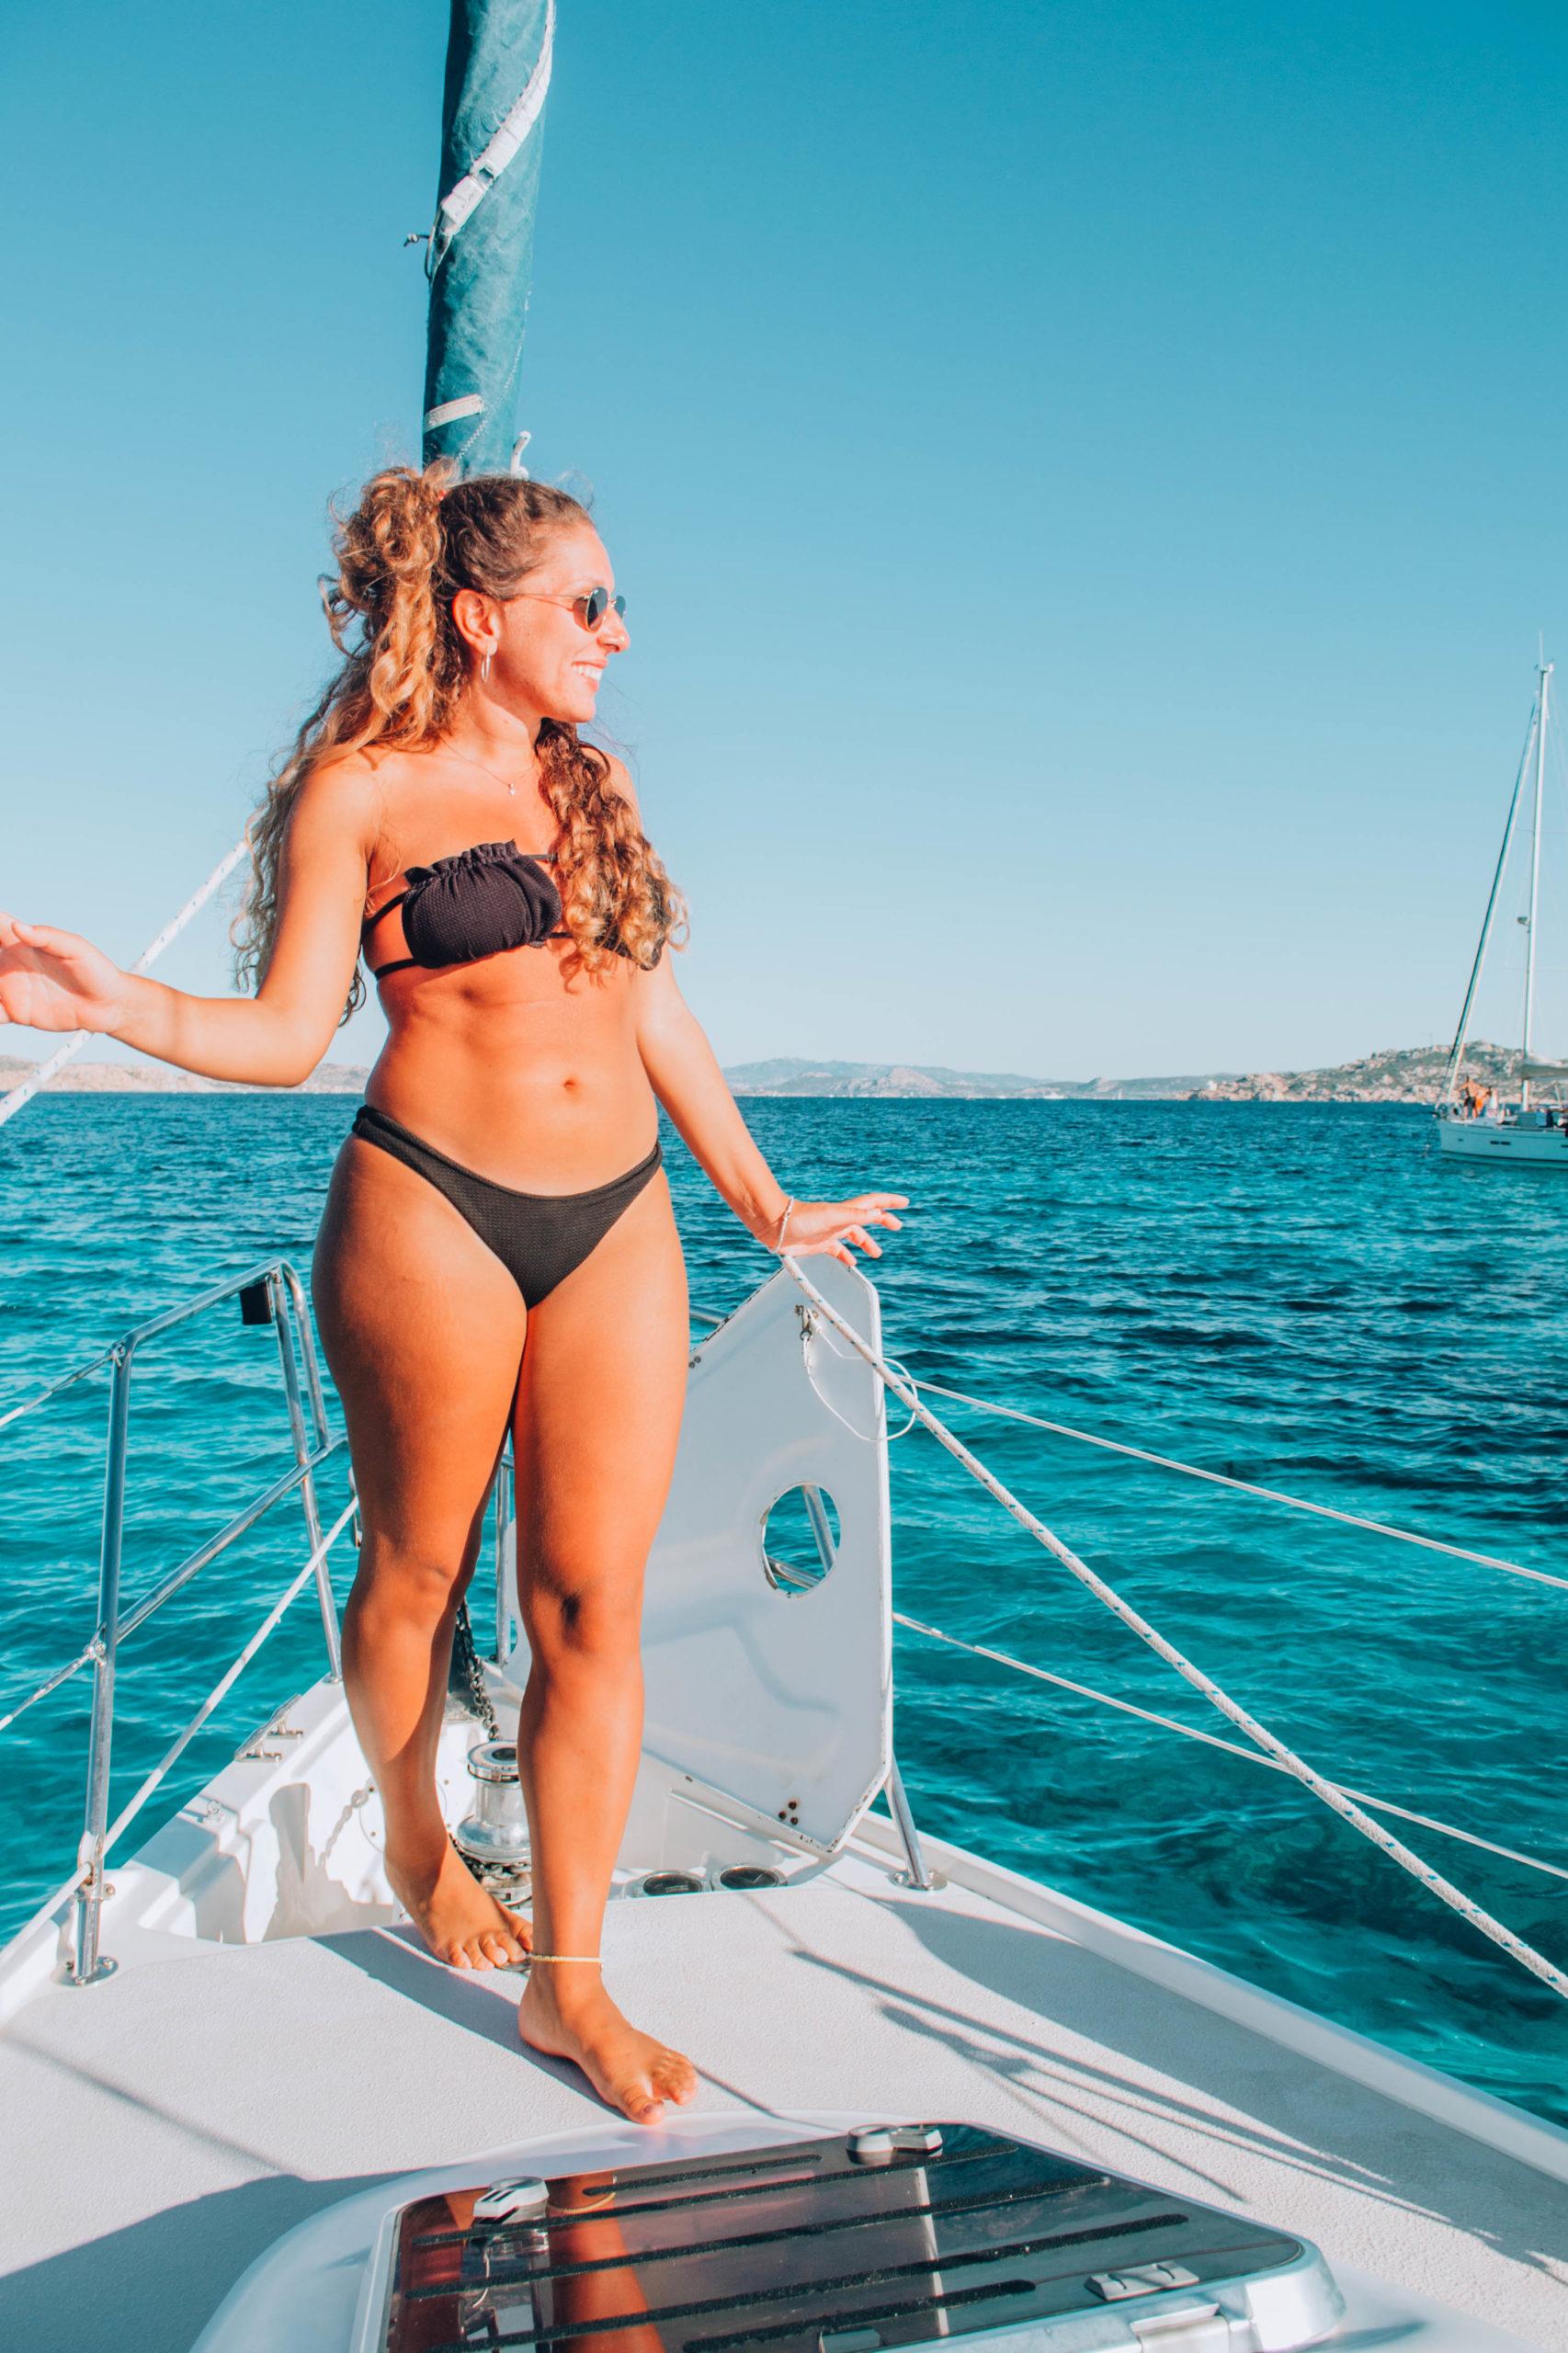 ragazza in bikini su prua di barca a vela